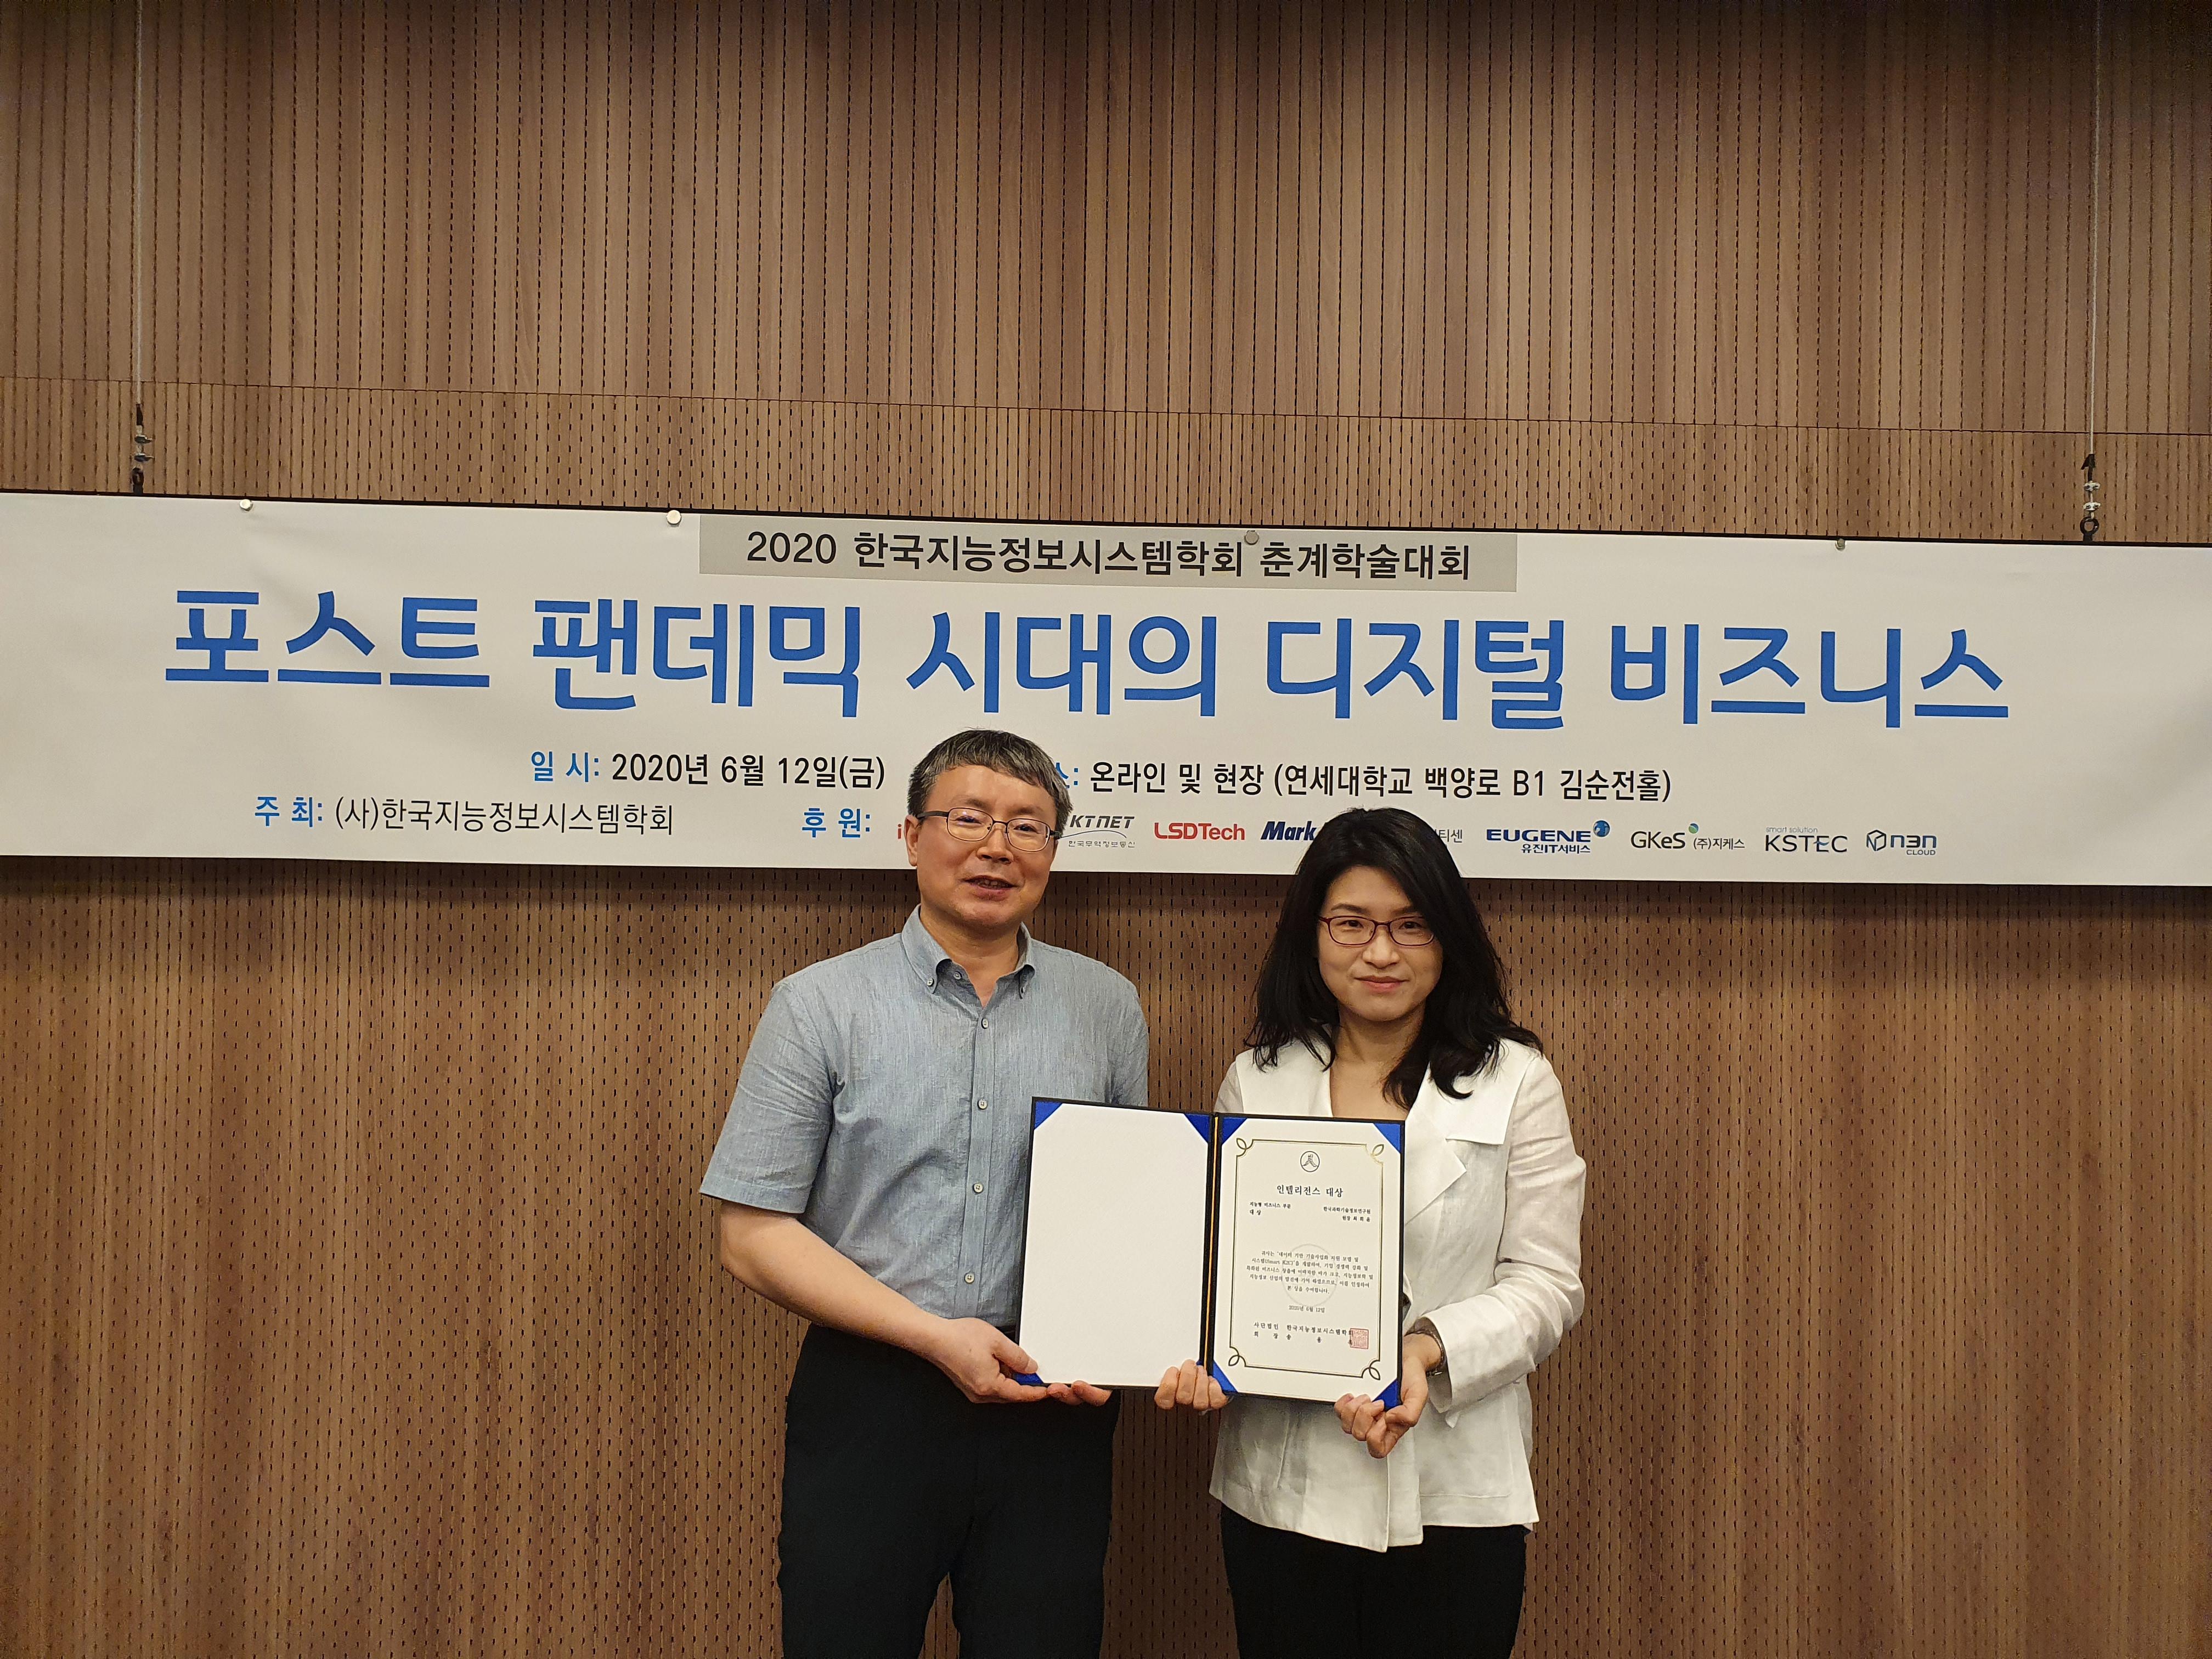 2020 한국지능정보시스템학회 춘계학술대회 포스트 팬데믹 시대의 디지털 비즈니스 사진